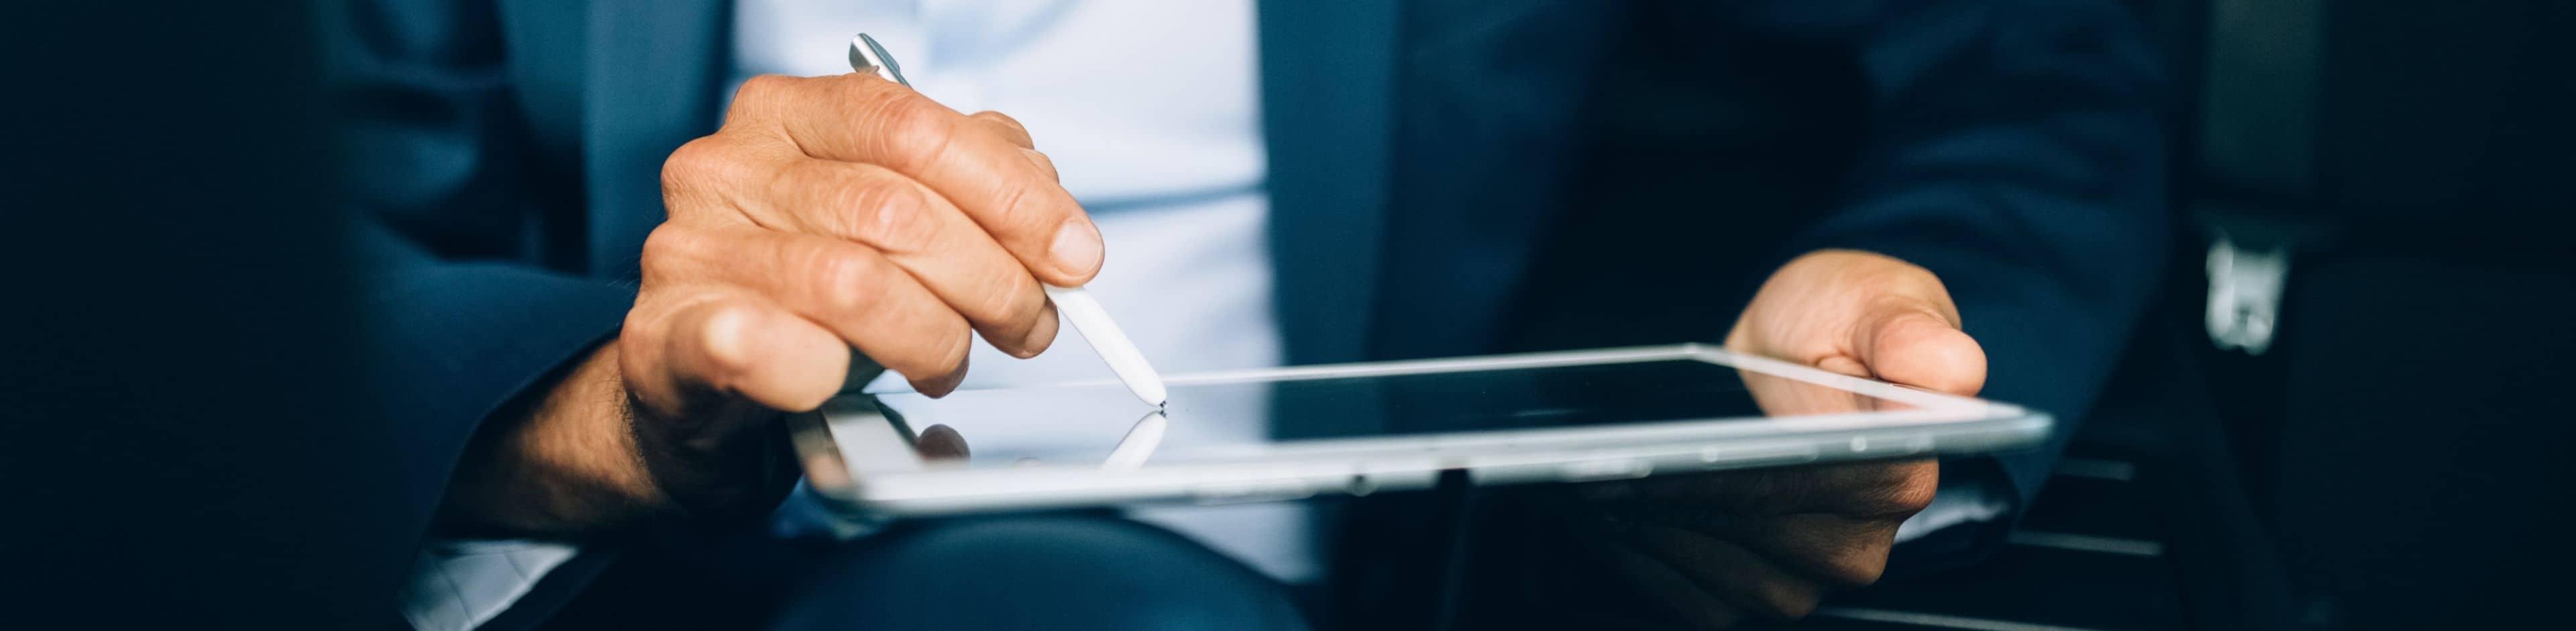 Rationaliser l'approbation des documents juridiques avec un outil de signature électronique